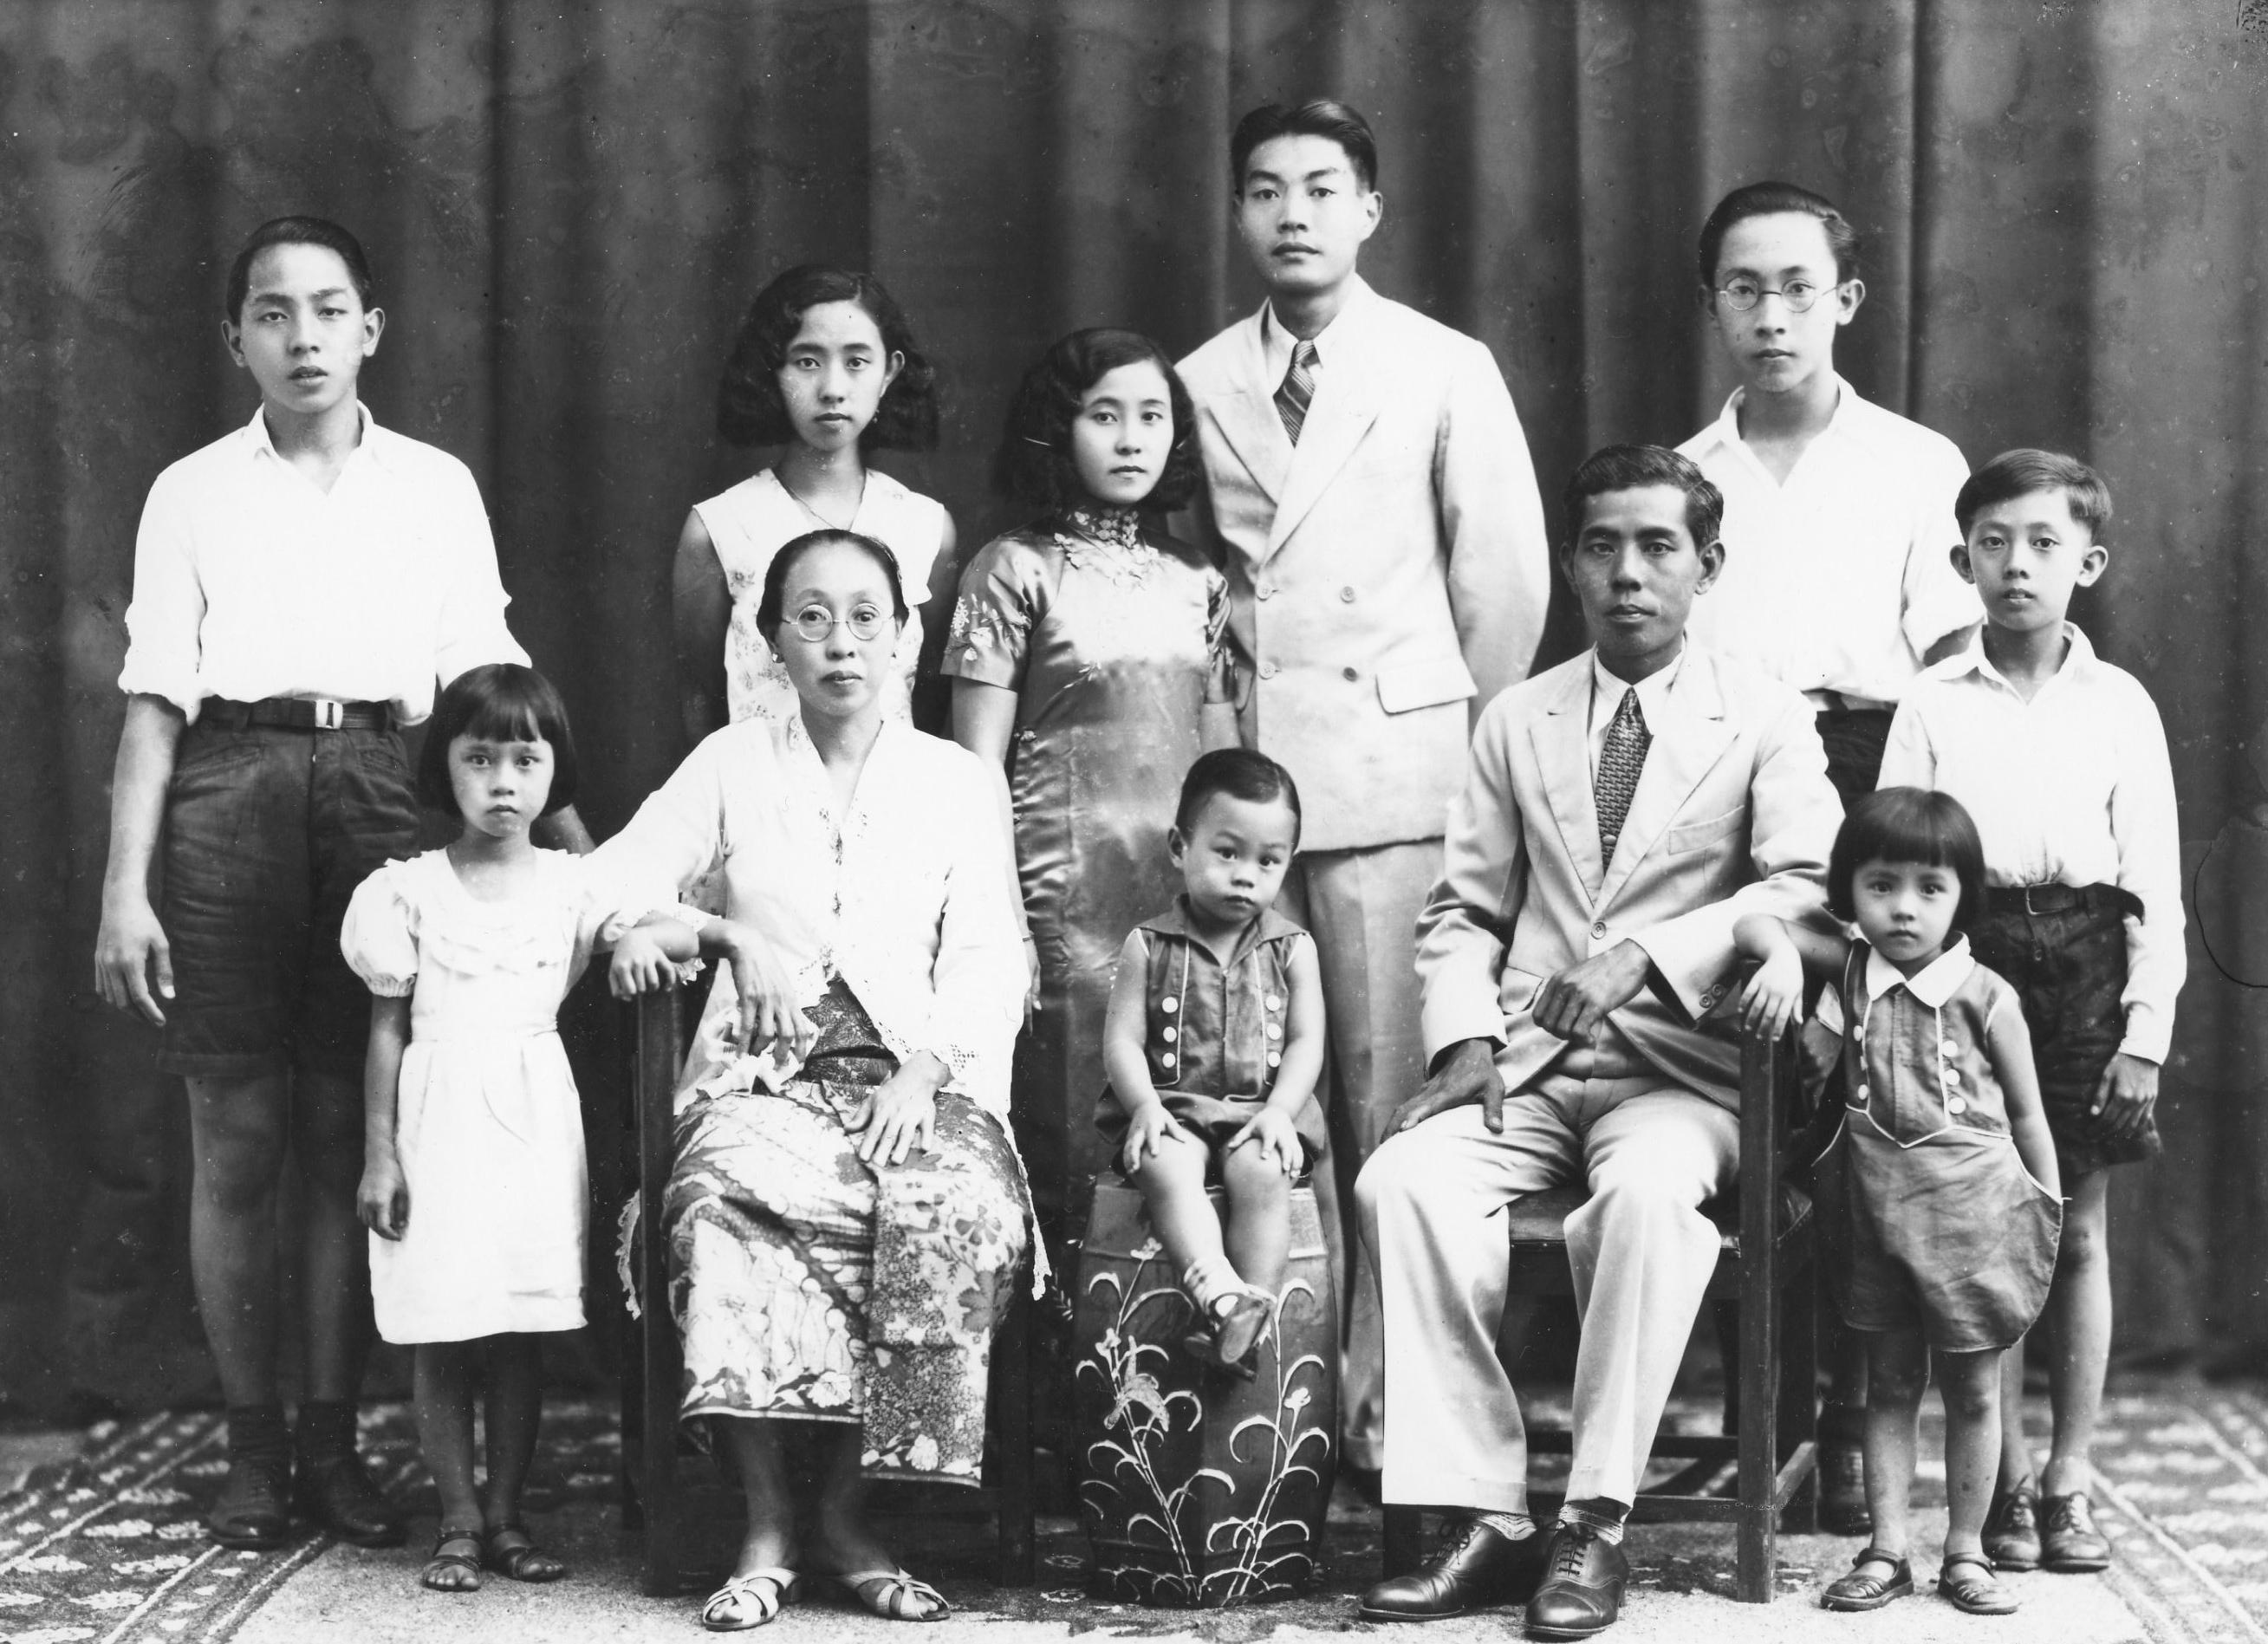 Foto van de familie The Tan Boe, 1935-1940. Uit de collectie van wijlen heer The Pik Sin.